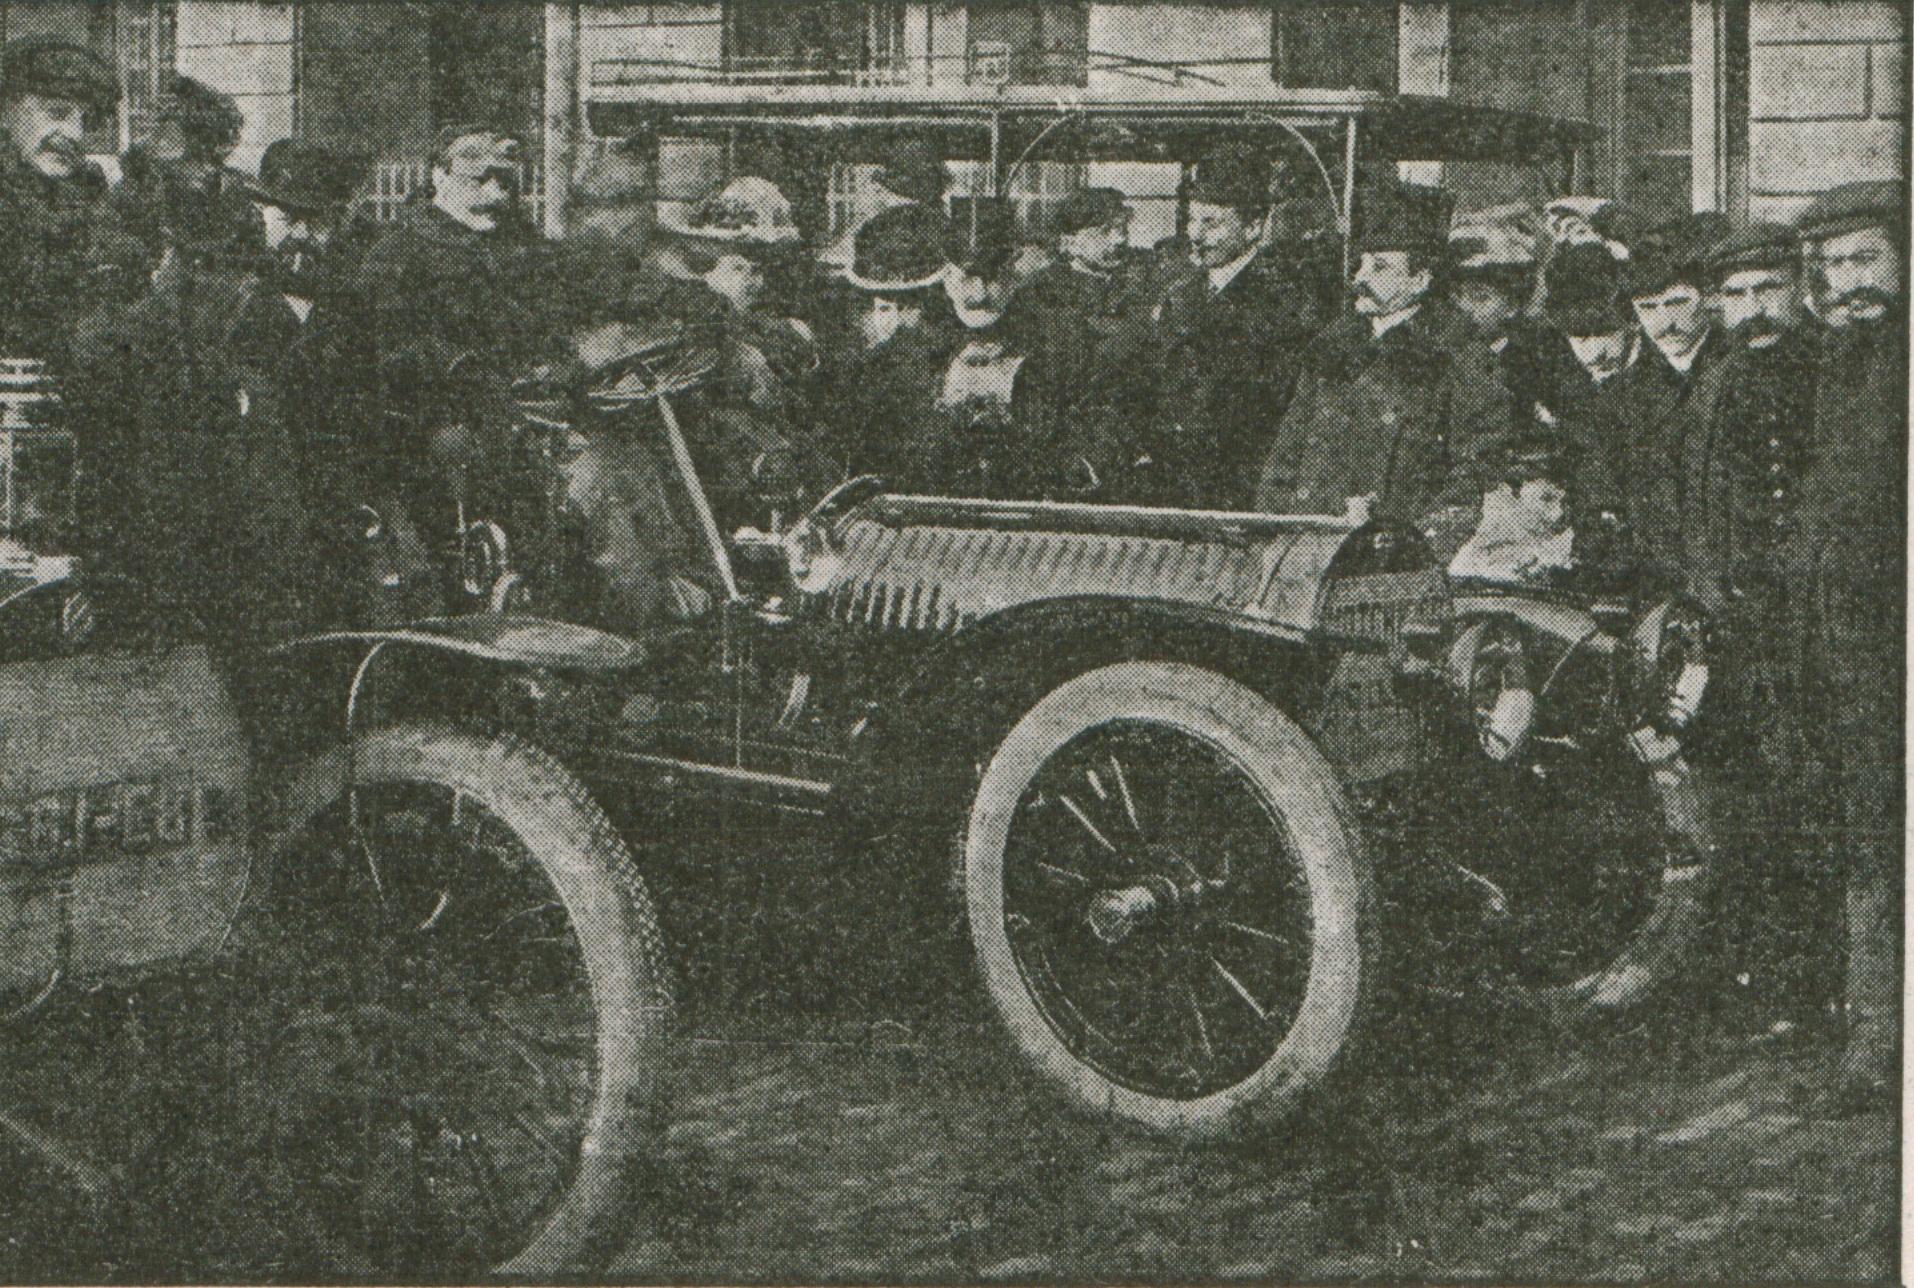 19070001 Bleriot